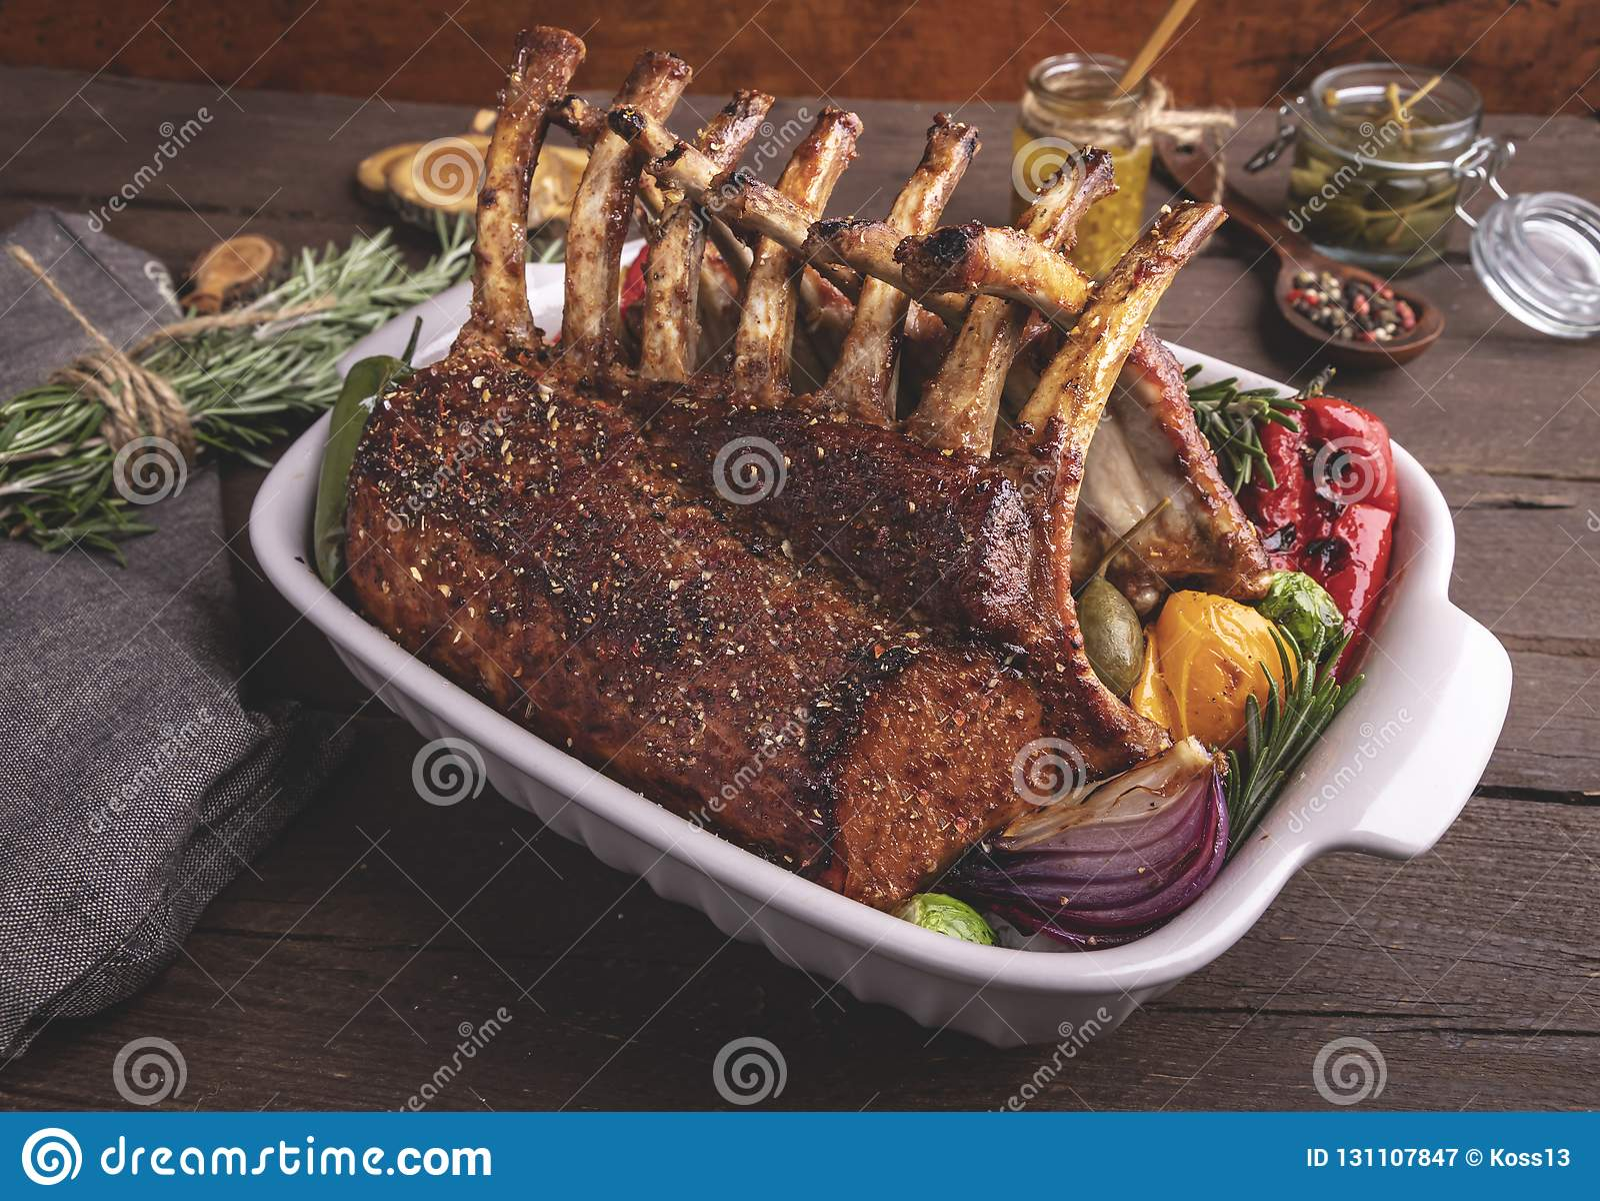 Ψημένο στη σχάρα ψημένο ράφι του αρνιού με τα λαχανικά Γεύμα σχαρών Ψημένες στη σχάρα μπριζόλες κρέατος αρνιών